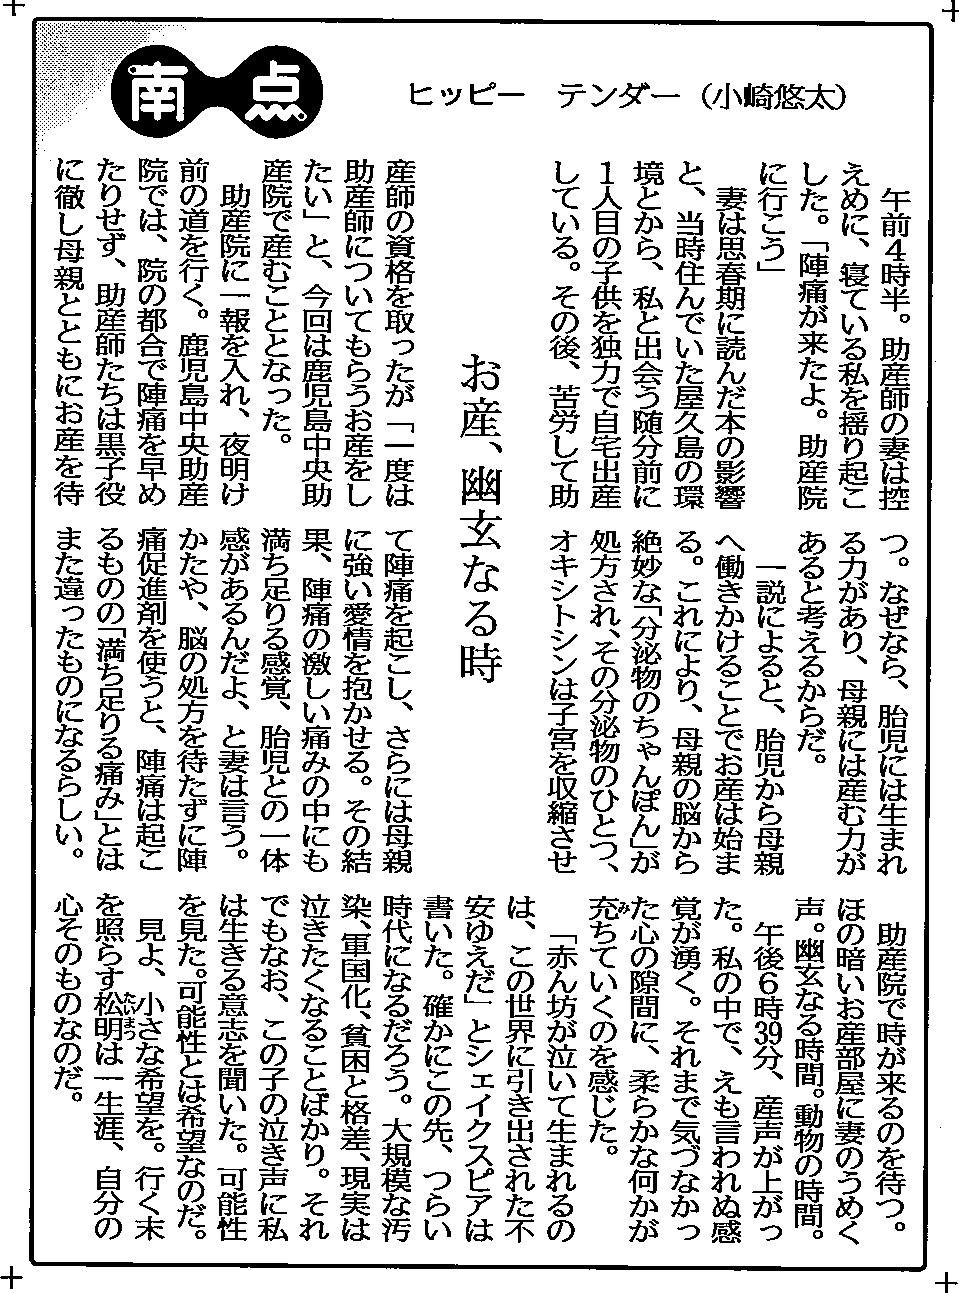 鹿児島・南日本新聞「南点」欄、テンダー連載13〜14話をウェブ公開